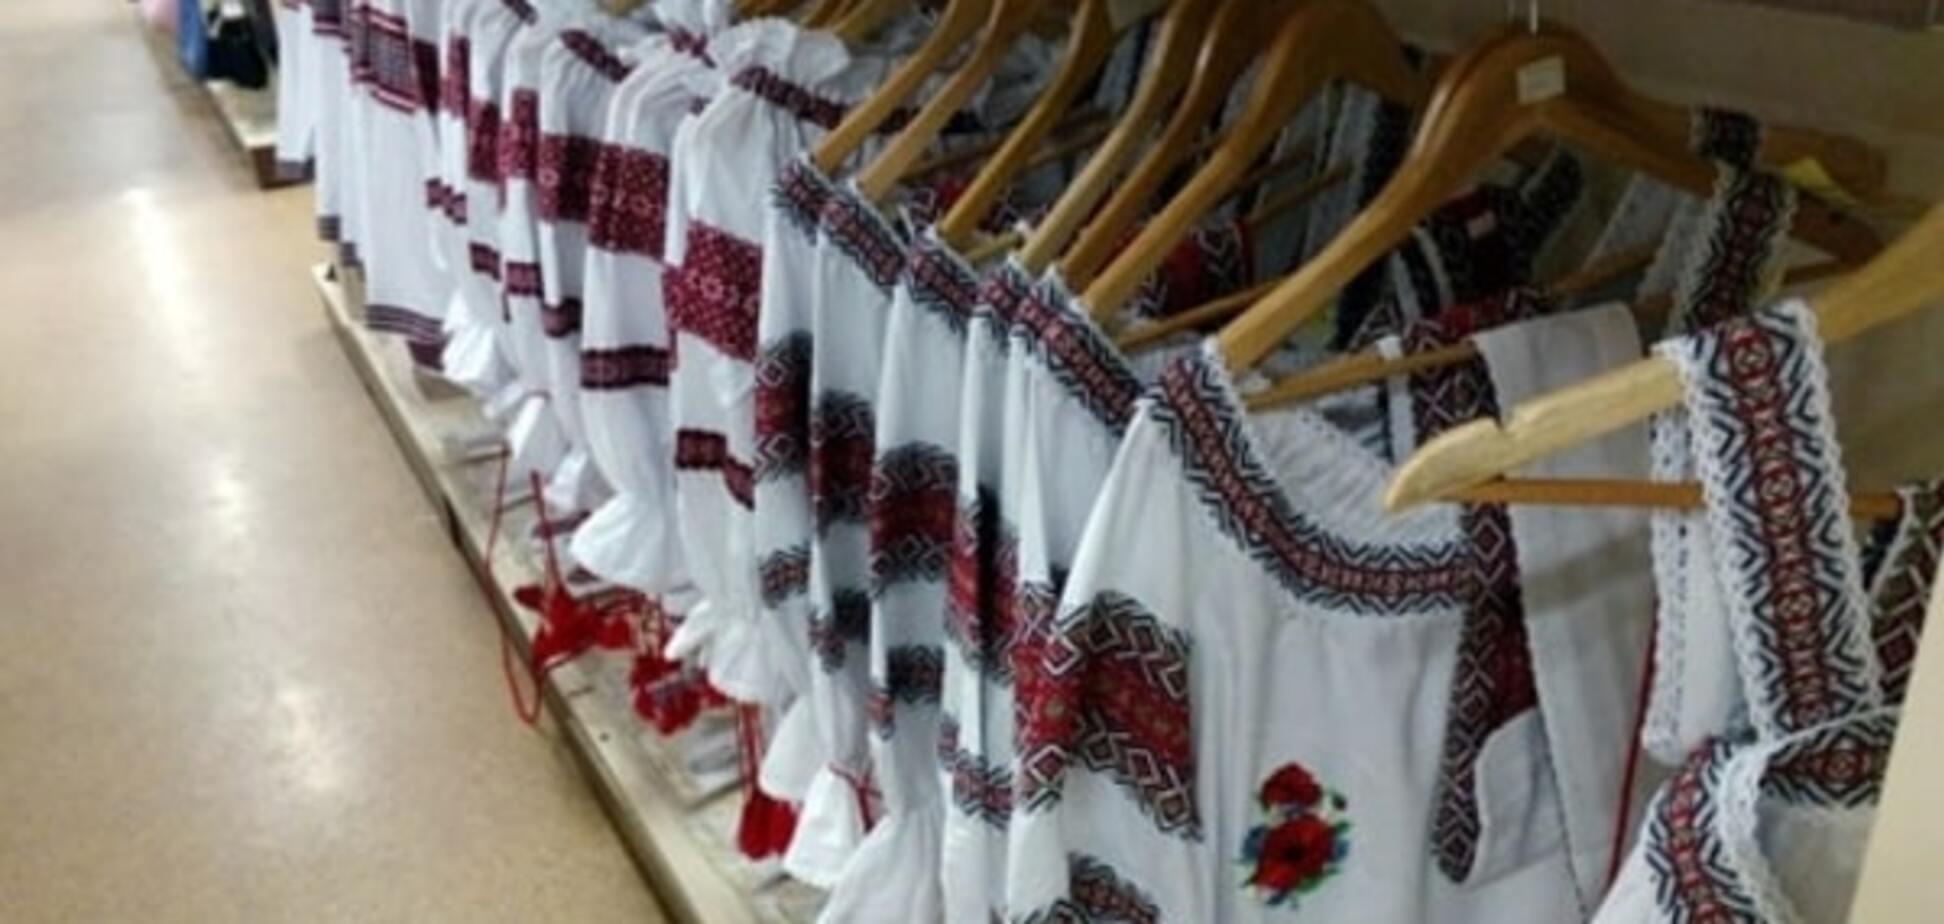 Продавщиця в Донецьку: сьогодні бум! Всі купують вишиванки